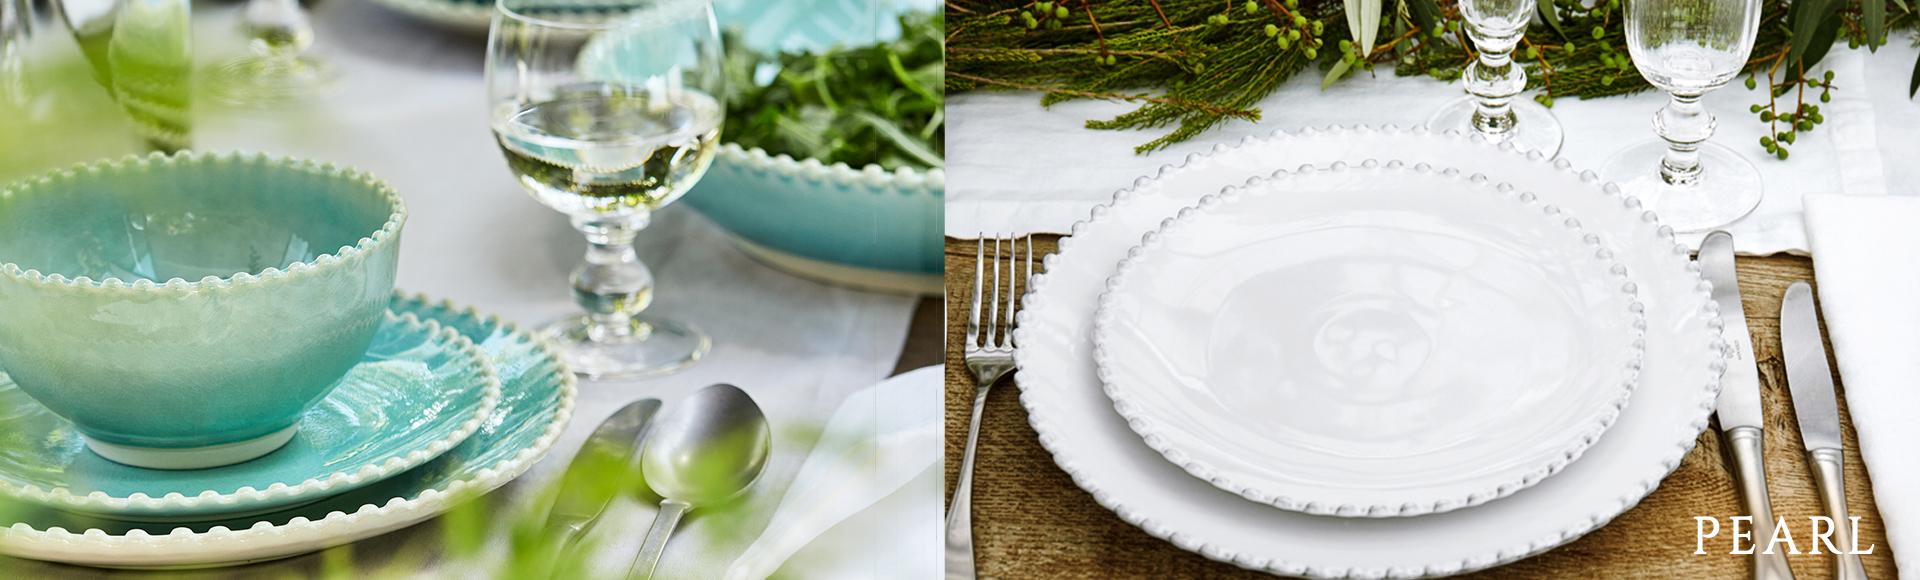 ポルトガルのコスタ・ノバブランドの、パールのような丸い飾りがついたPAERLシリーズ。エレガントでカジュアル、白とアクア(青)の2色展開で毎日の食卓で活躍します。